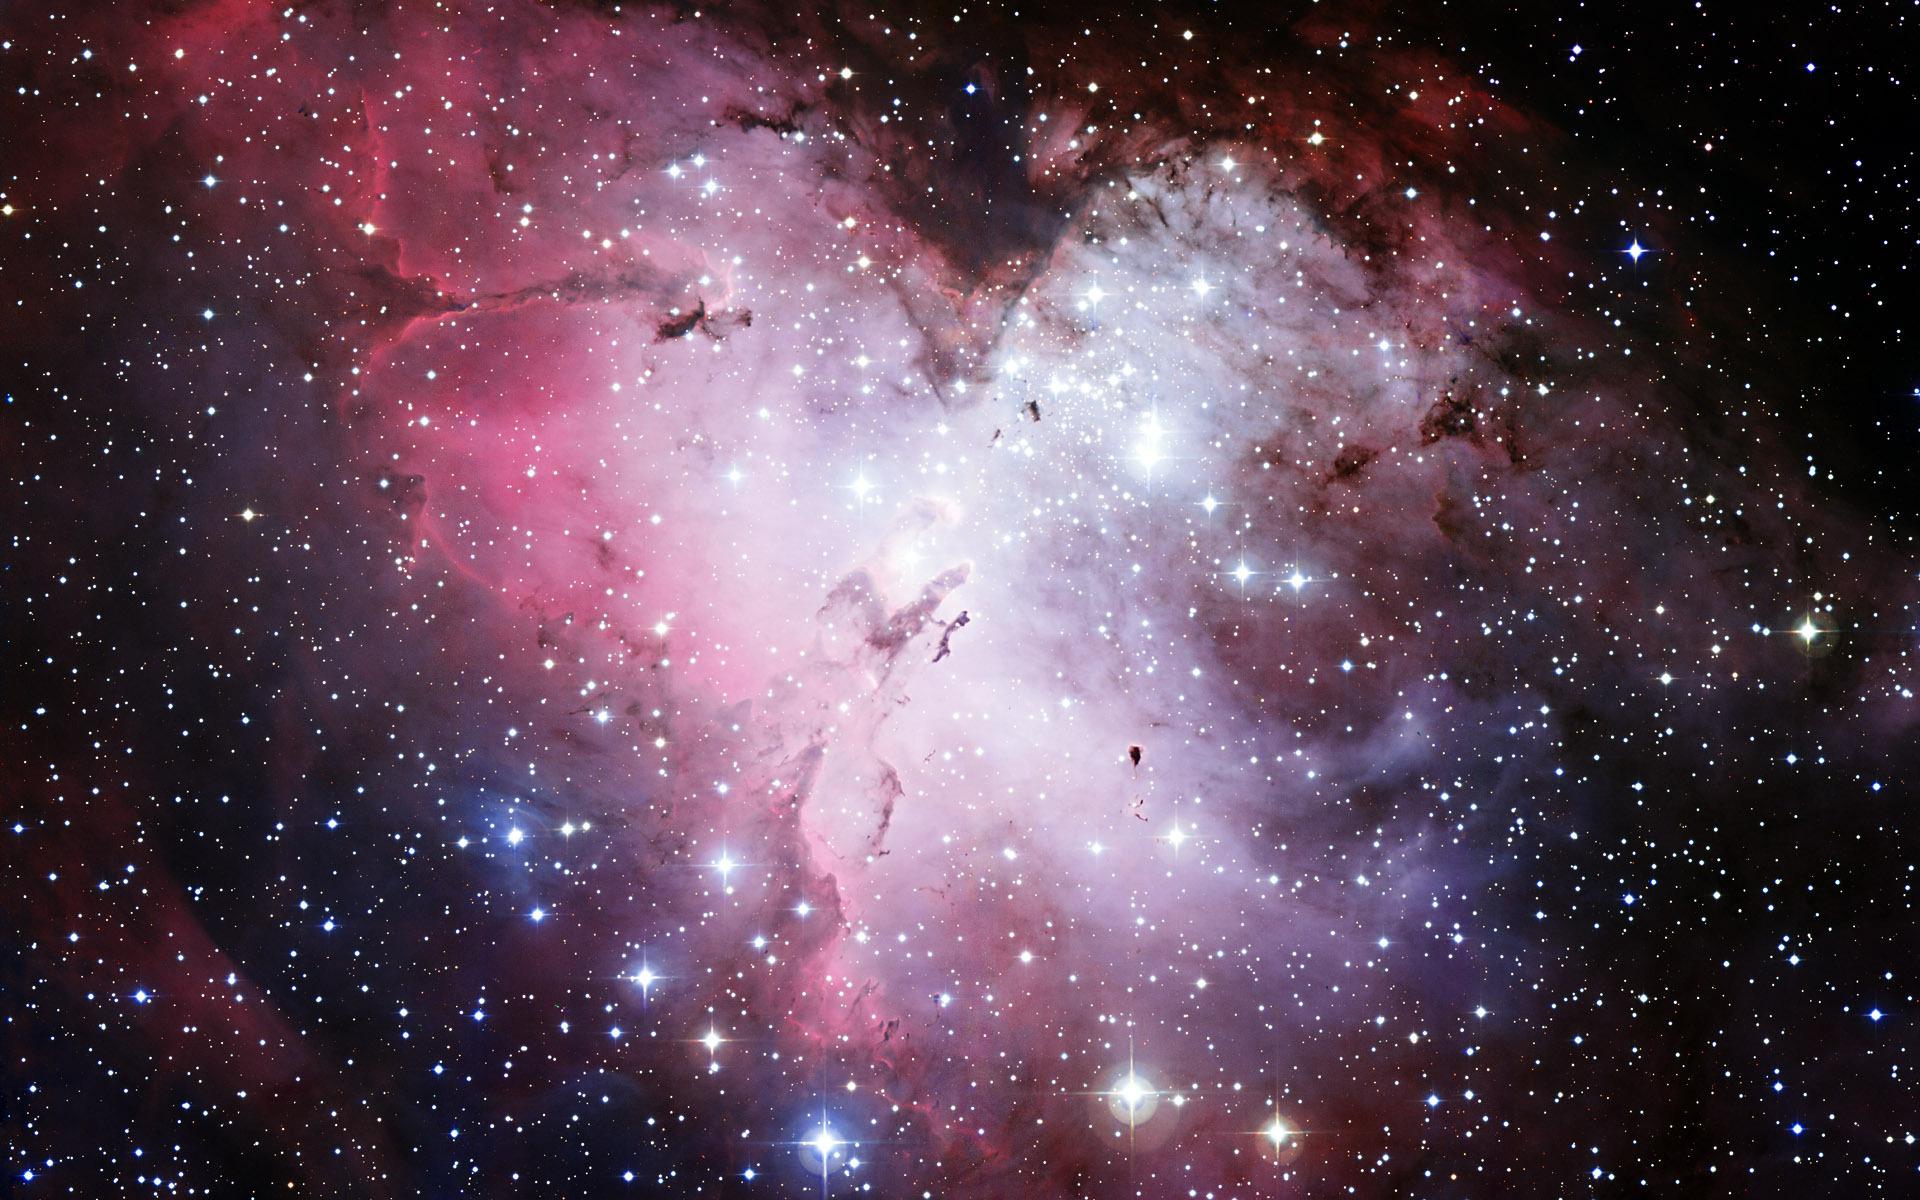 Hubble Telescope Desktop Wallpaper   Pics about space 1920x1200